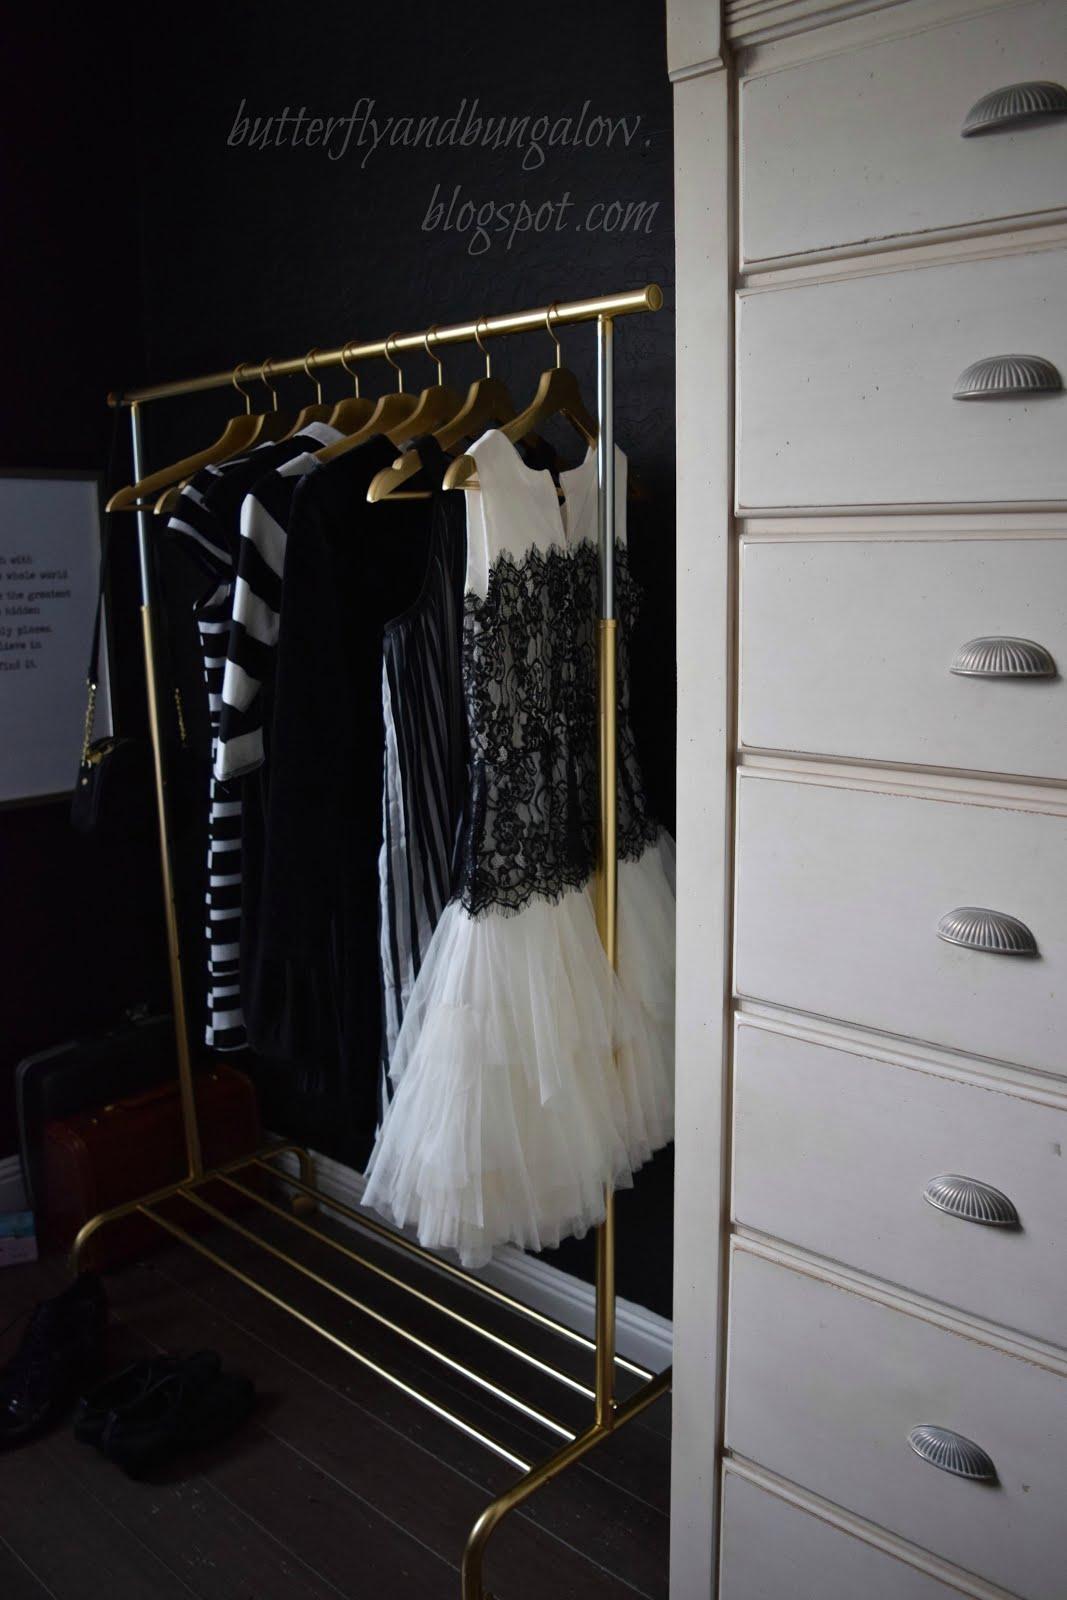 rigga clothes rack hack